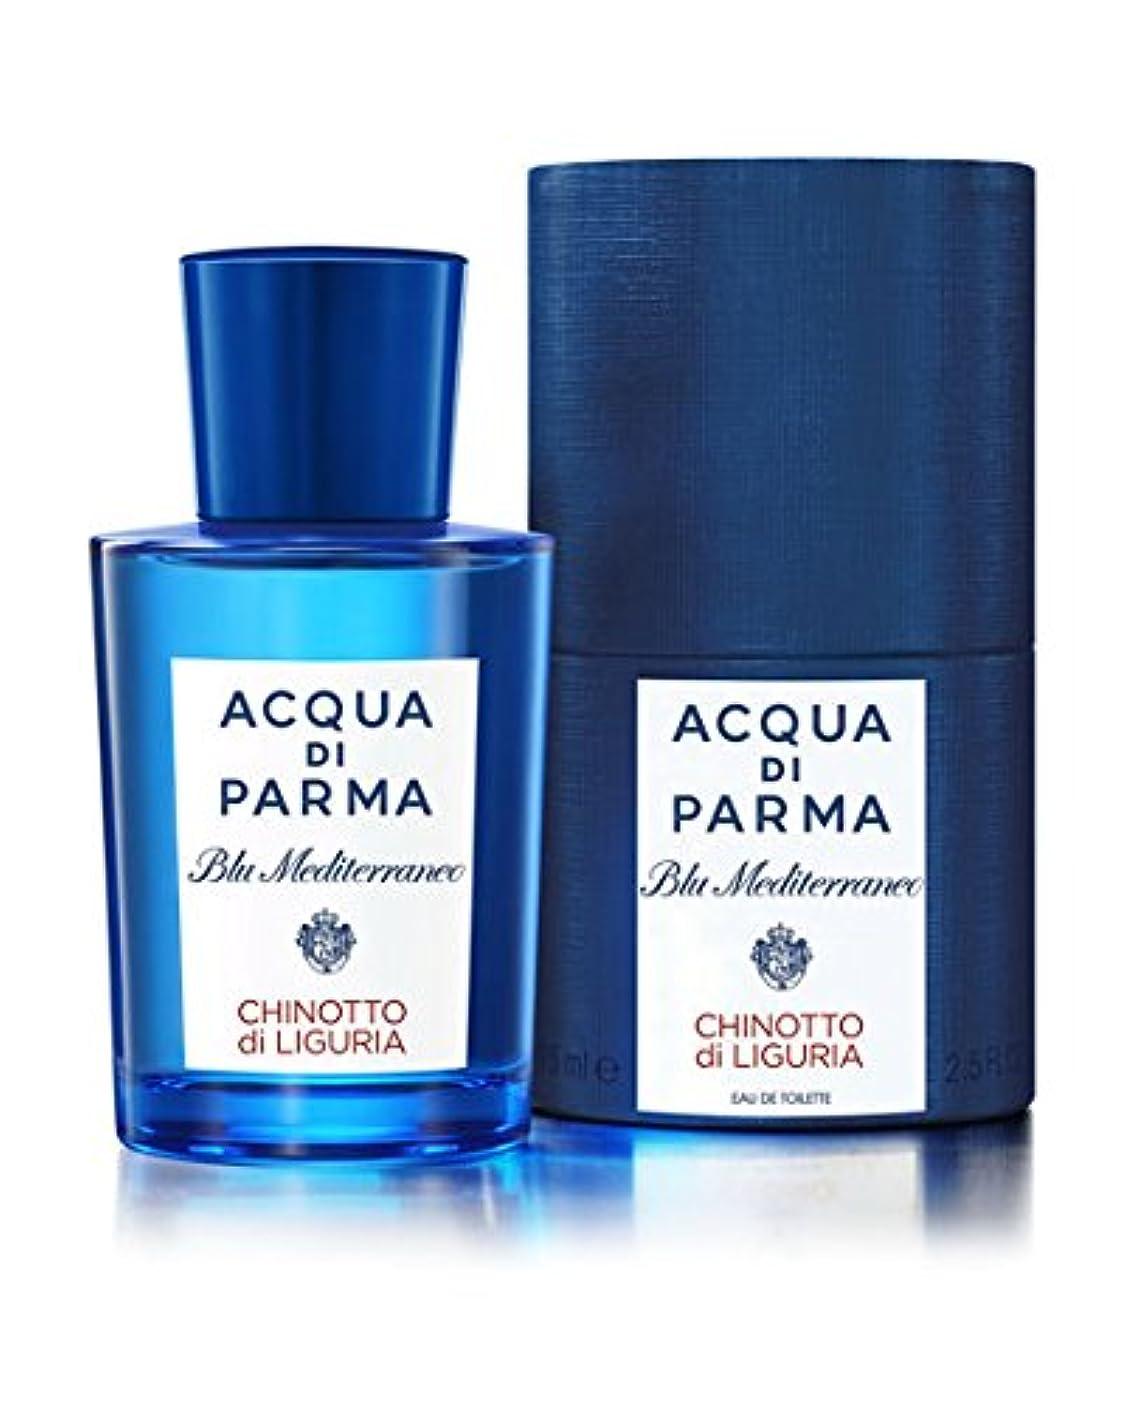 叫ぶバラバラにする唯物論Blu Mediterraneo Chinotto Di Liguria (ブルー メディタラーネオ チノットディリグリア) 5.0 oz (150ml) EDT Spray by Acqua di Parma